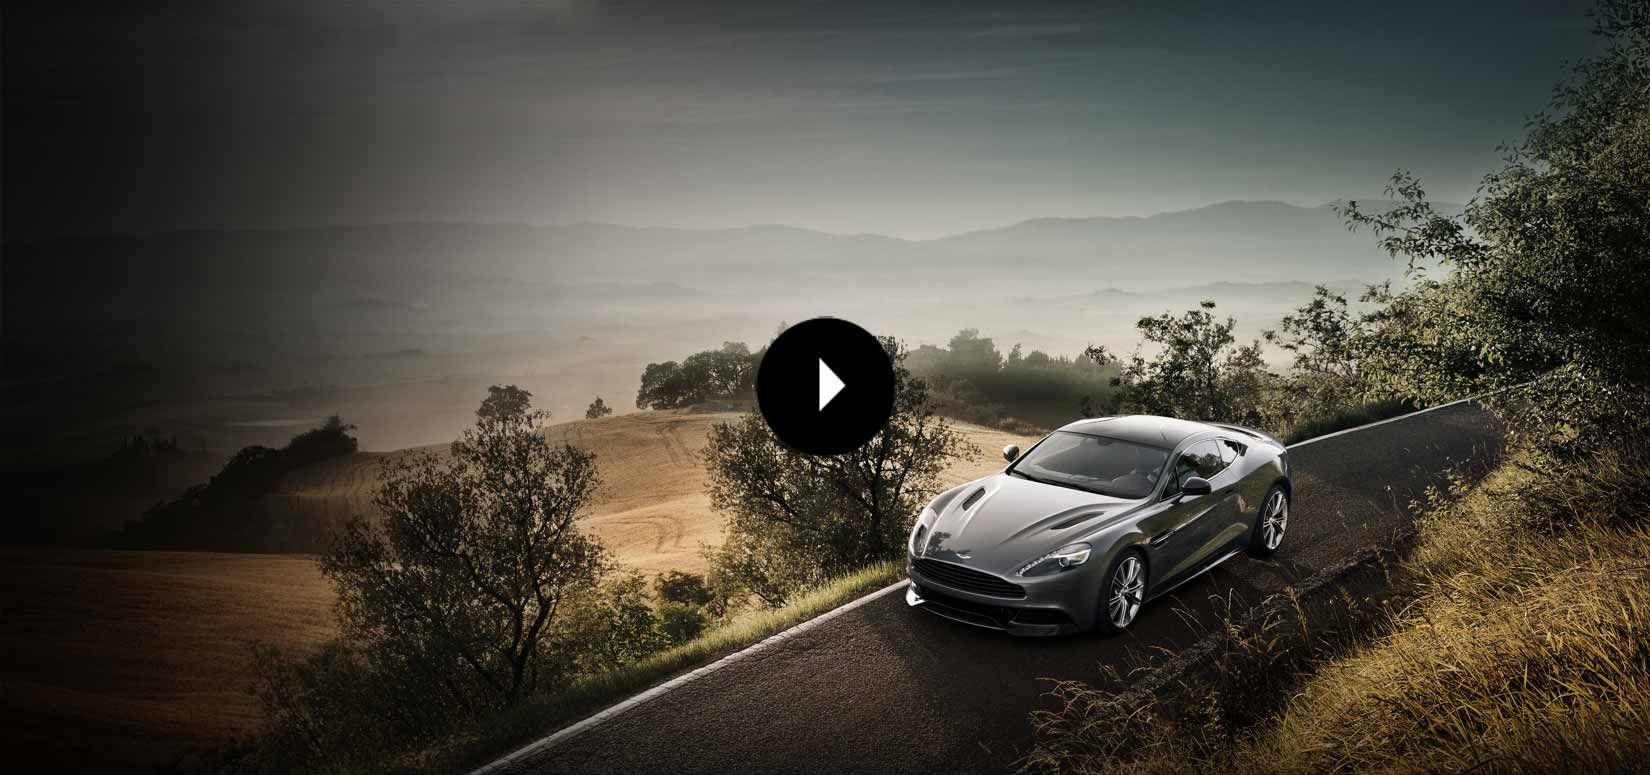 The New Aston Martin Vanquish. Aston martin vanquish